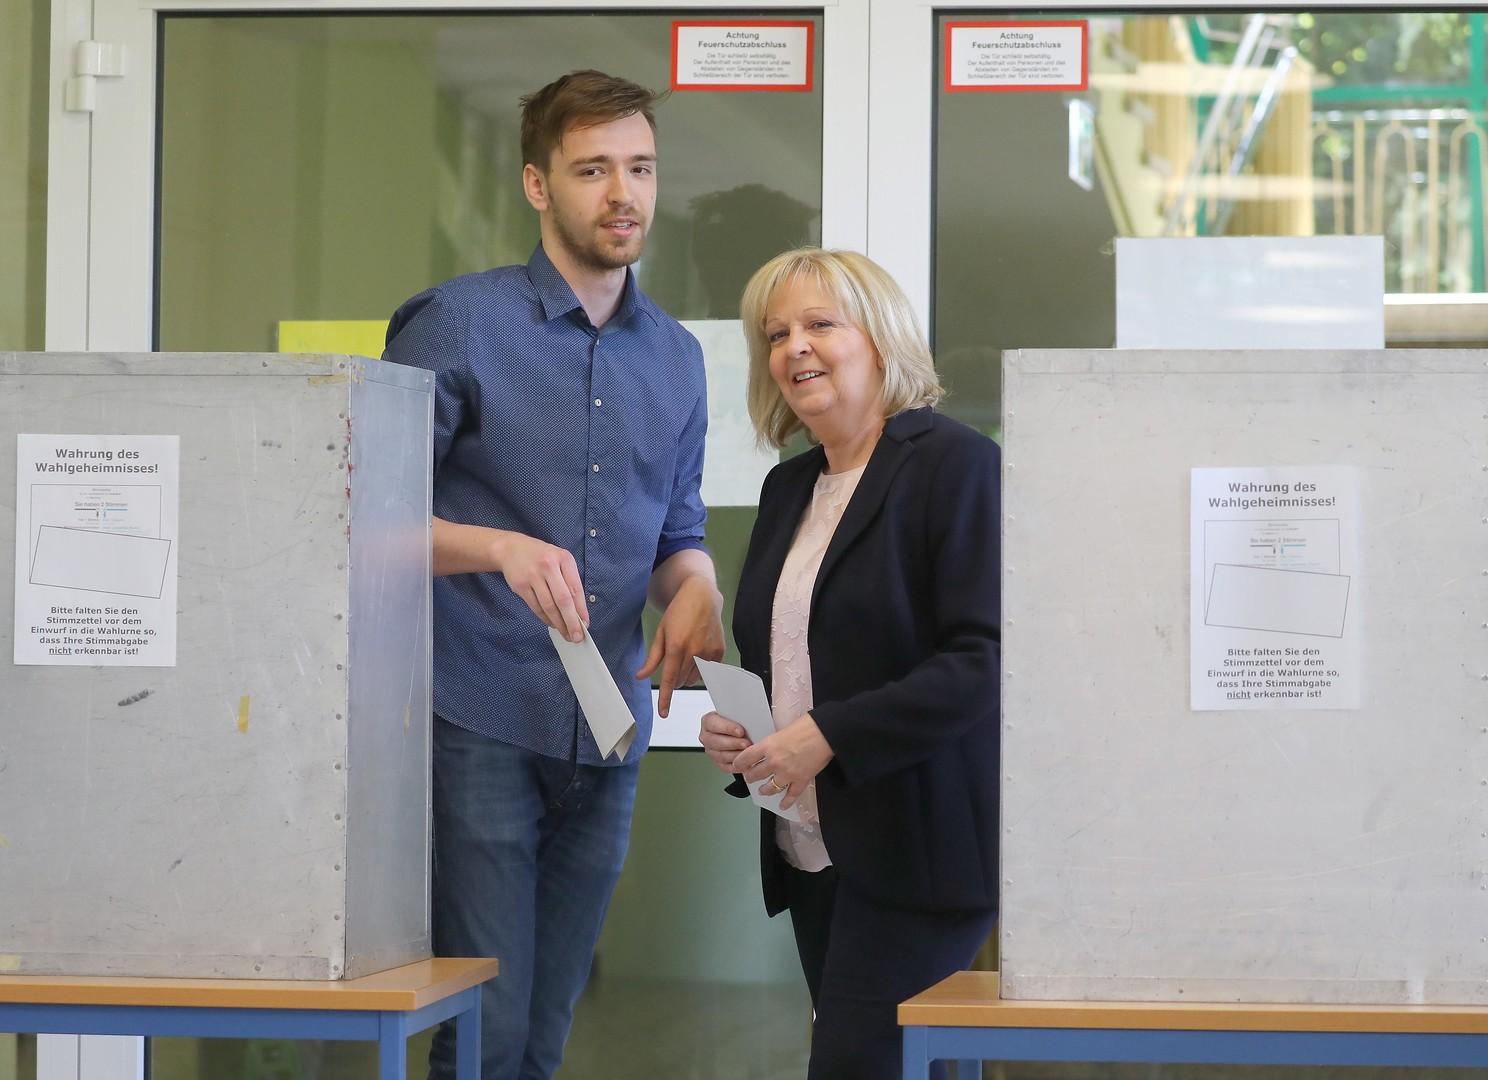 Live-Updates zur NRW-Wahl: CDU siegt, FDP zweistellig, starke Verluste für Rot-Grün, Linke bei 4,9 %